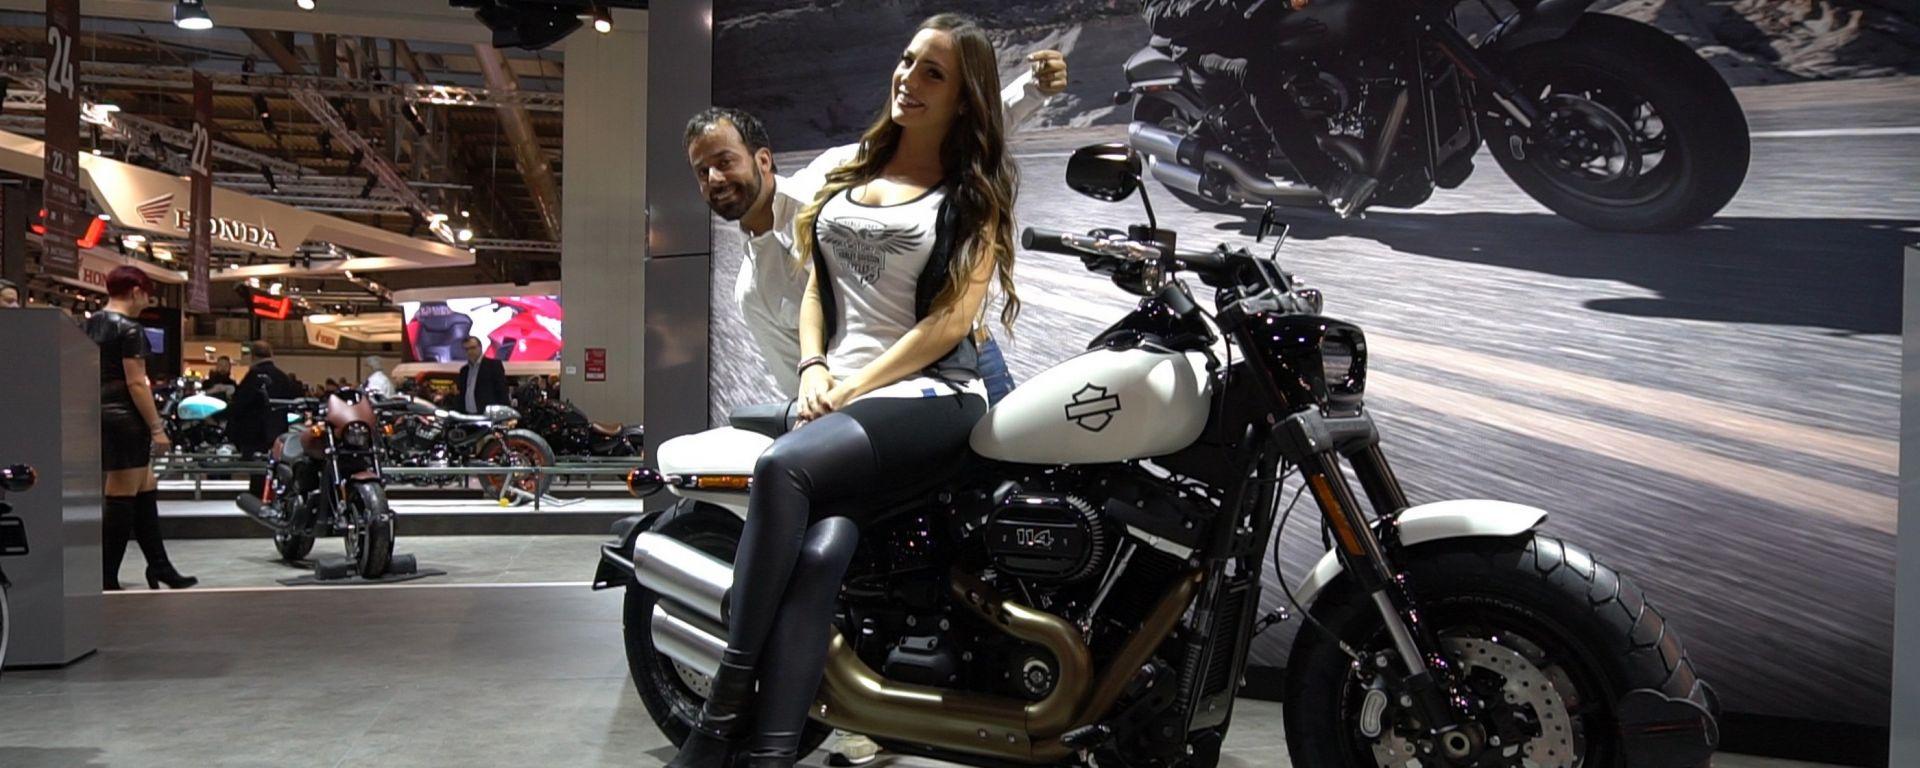 Harley Davidson Fat Bob 2018, tutta nuova a Eicma [VIDEO]